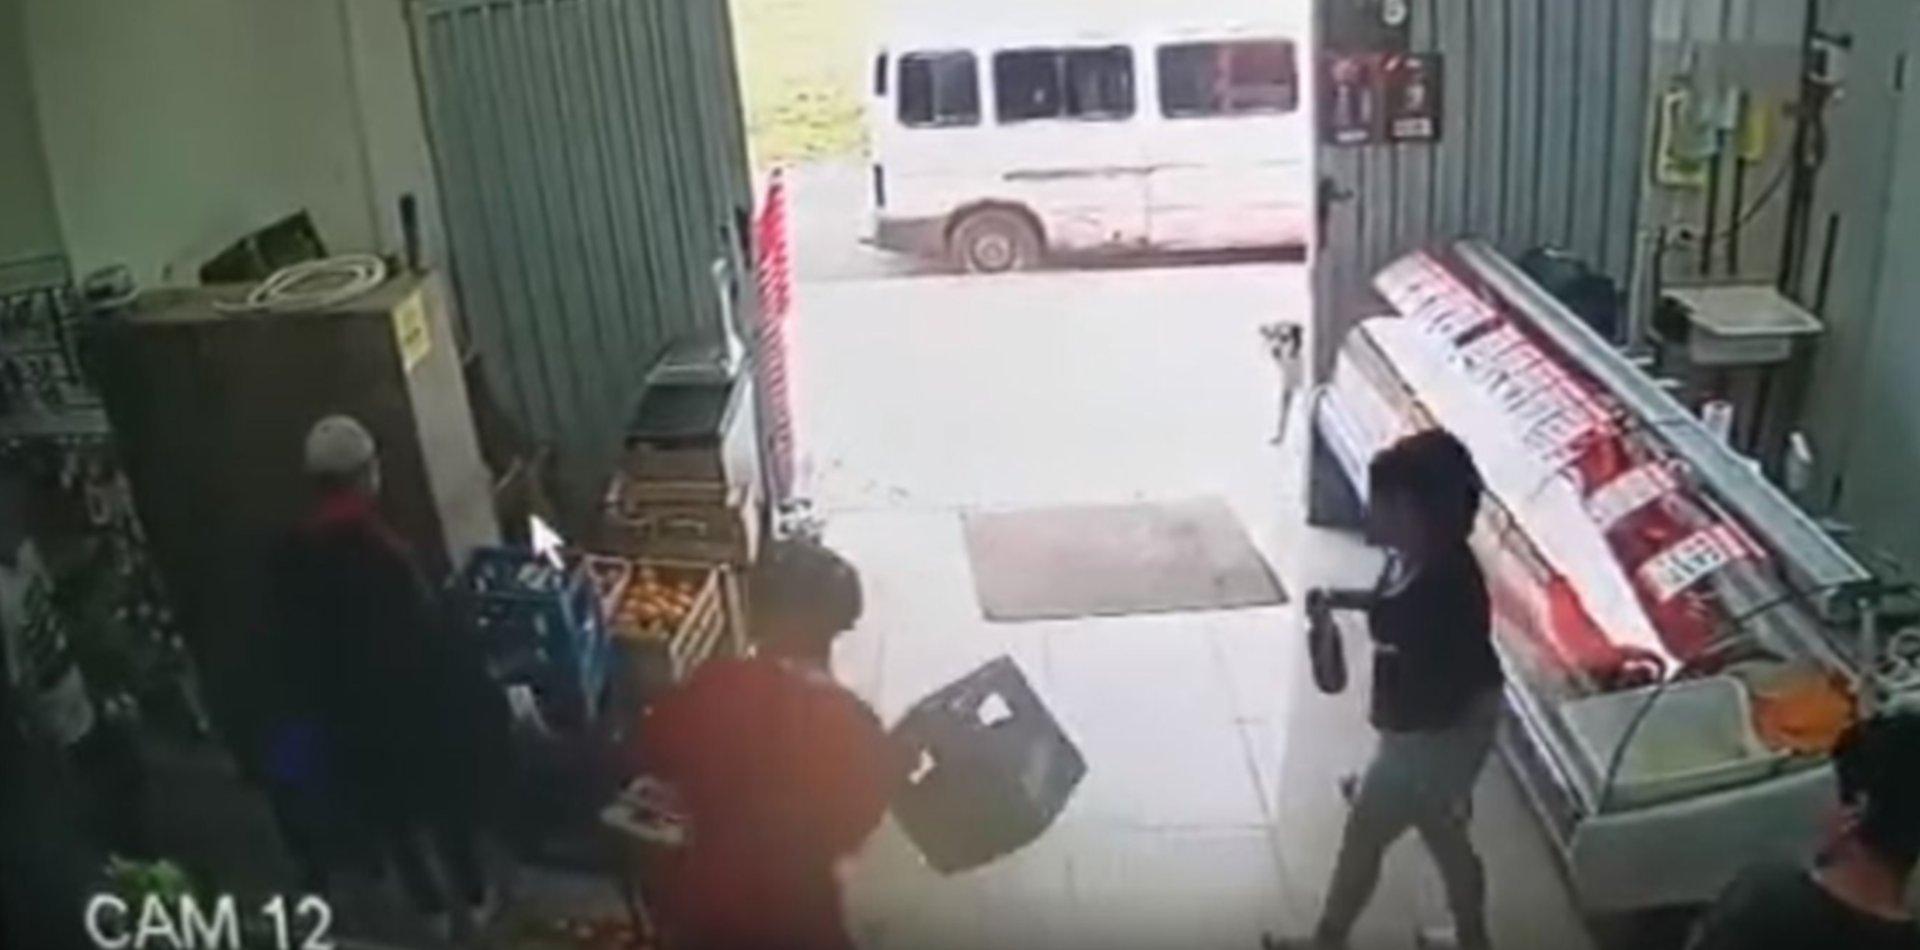 Detuvieron a una de las jóvenes implicadas en el violento robo a un supermercado de La Plata